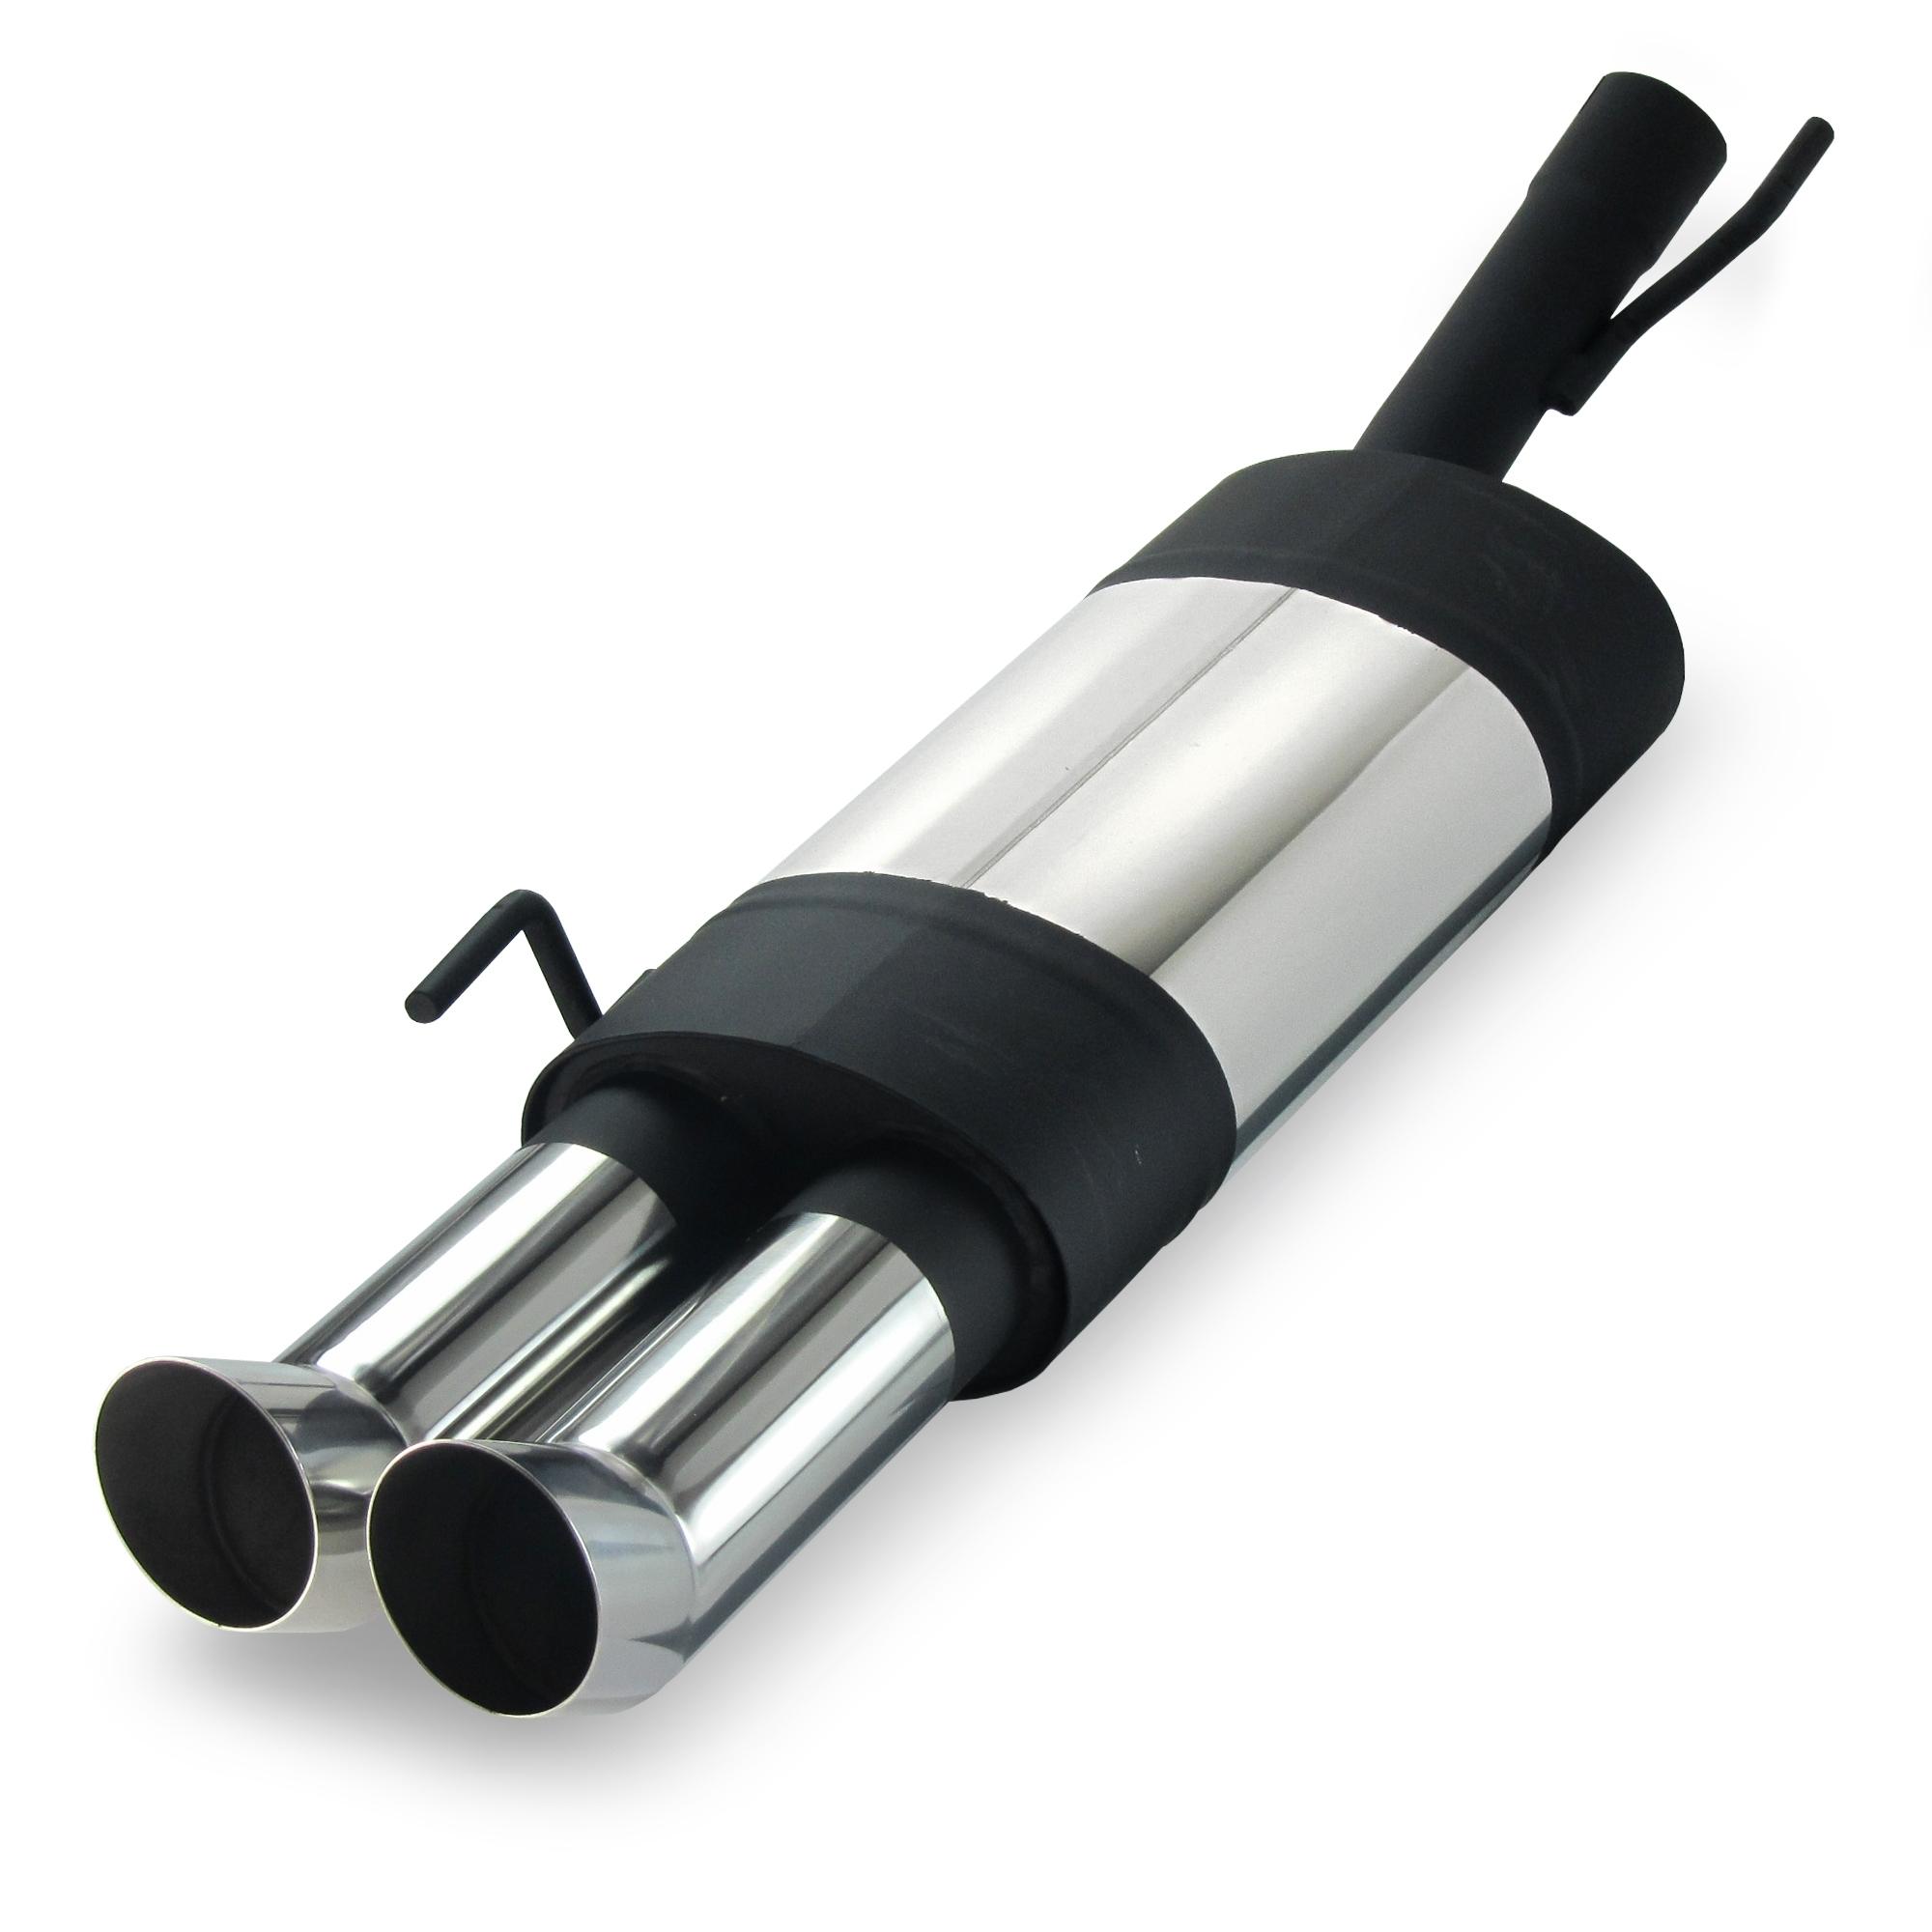 JOM Bagpotte rustfri stål med 2x76 mm afgange - DTM look. Til Golf 4 Convertable Udvendig tilbehør > Udstødning